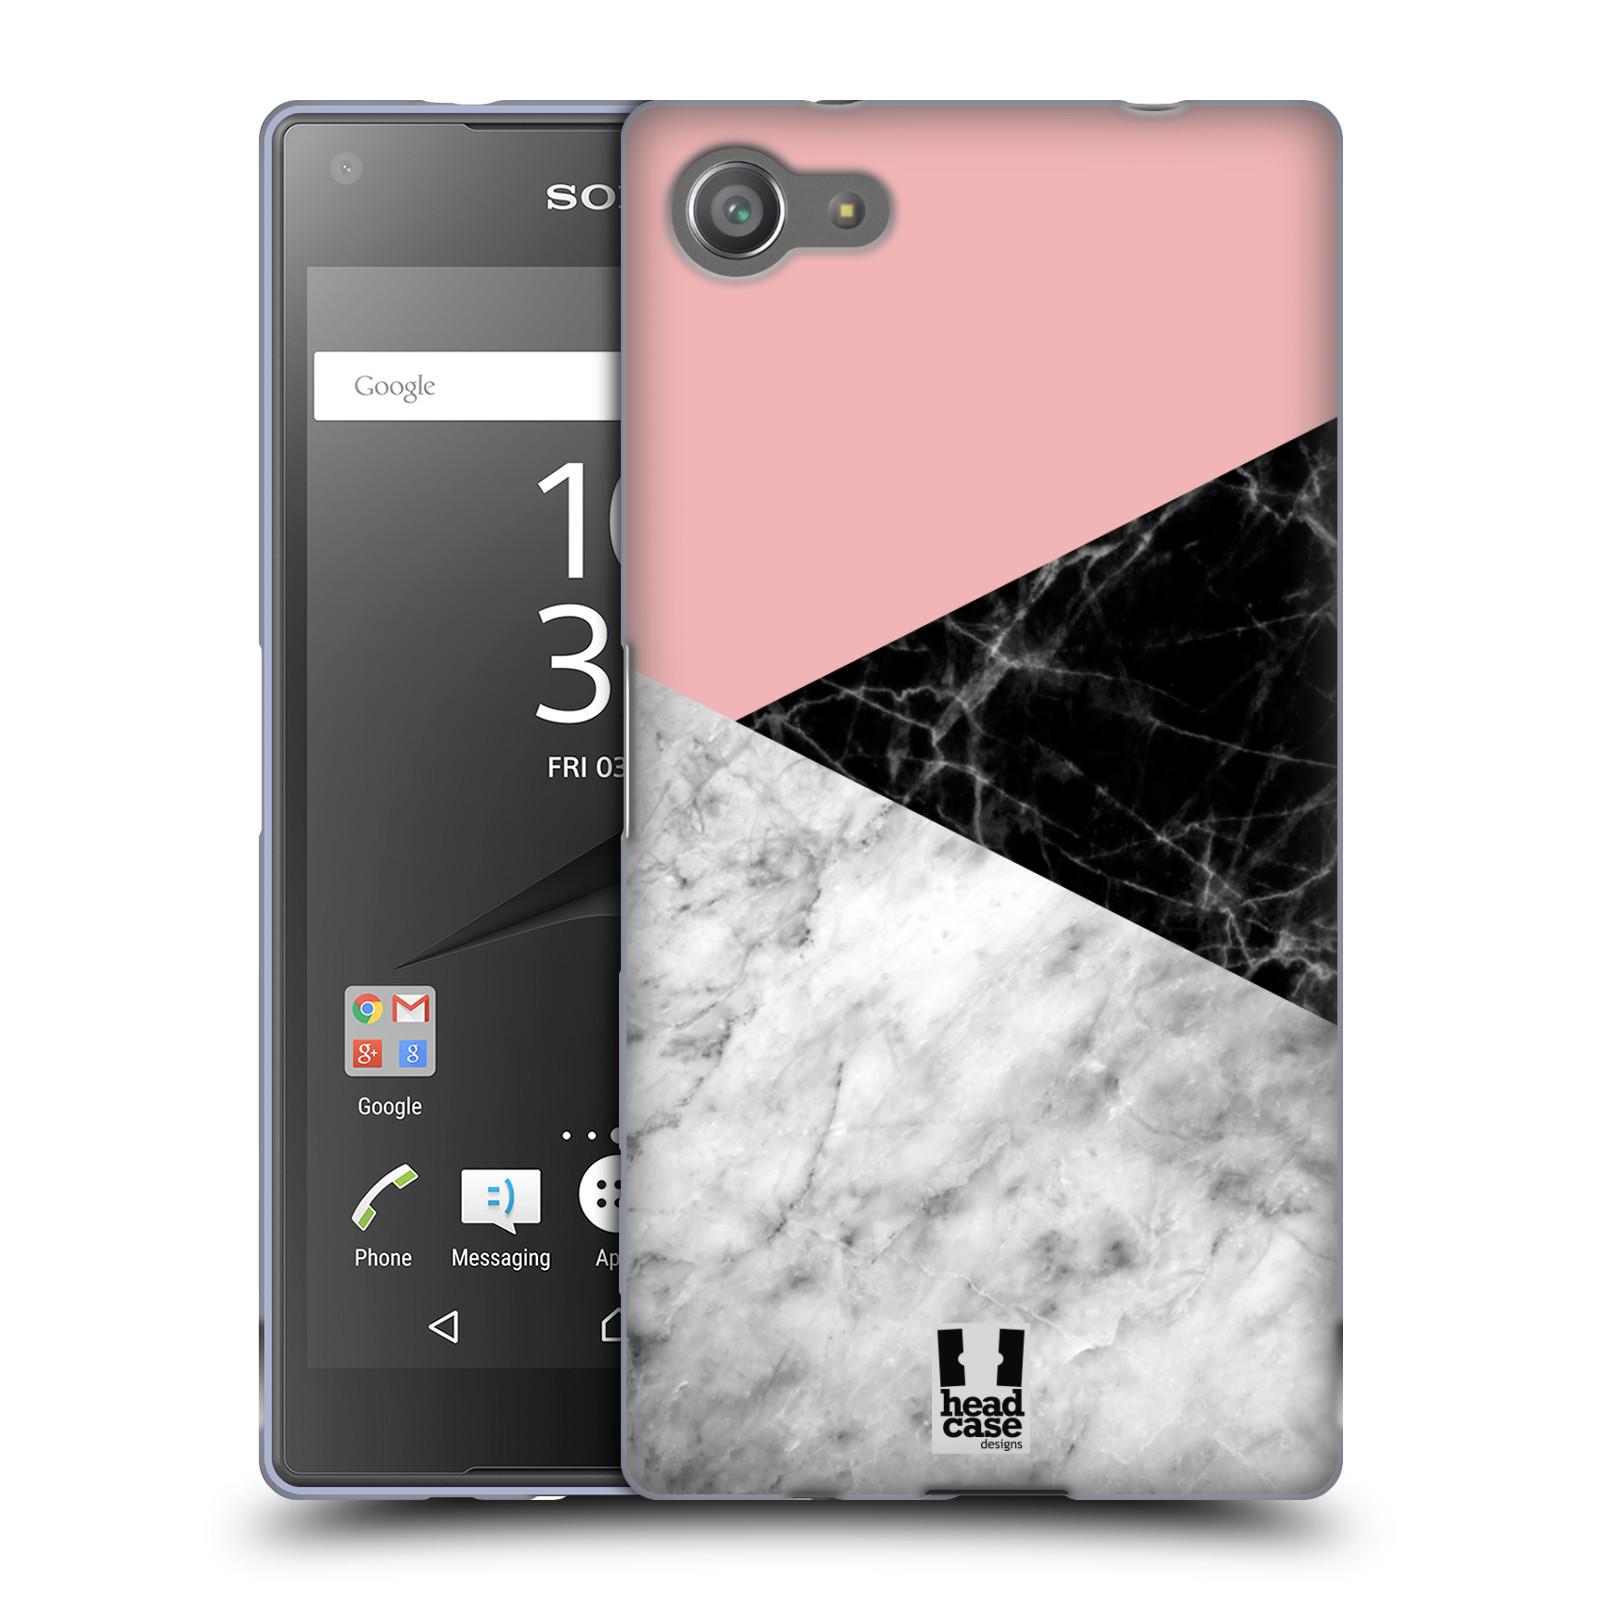 Silikonové pouzdro na mobil Sony Xperia Z5 Compact - Head Case - Mramor mix